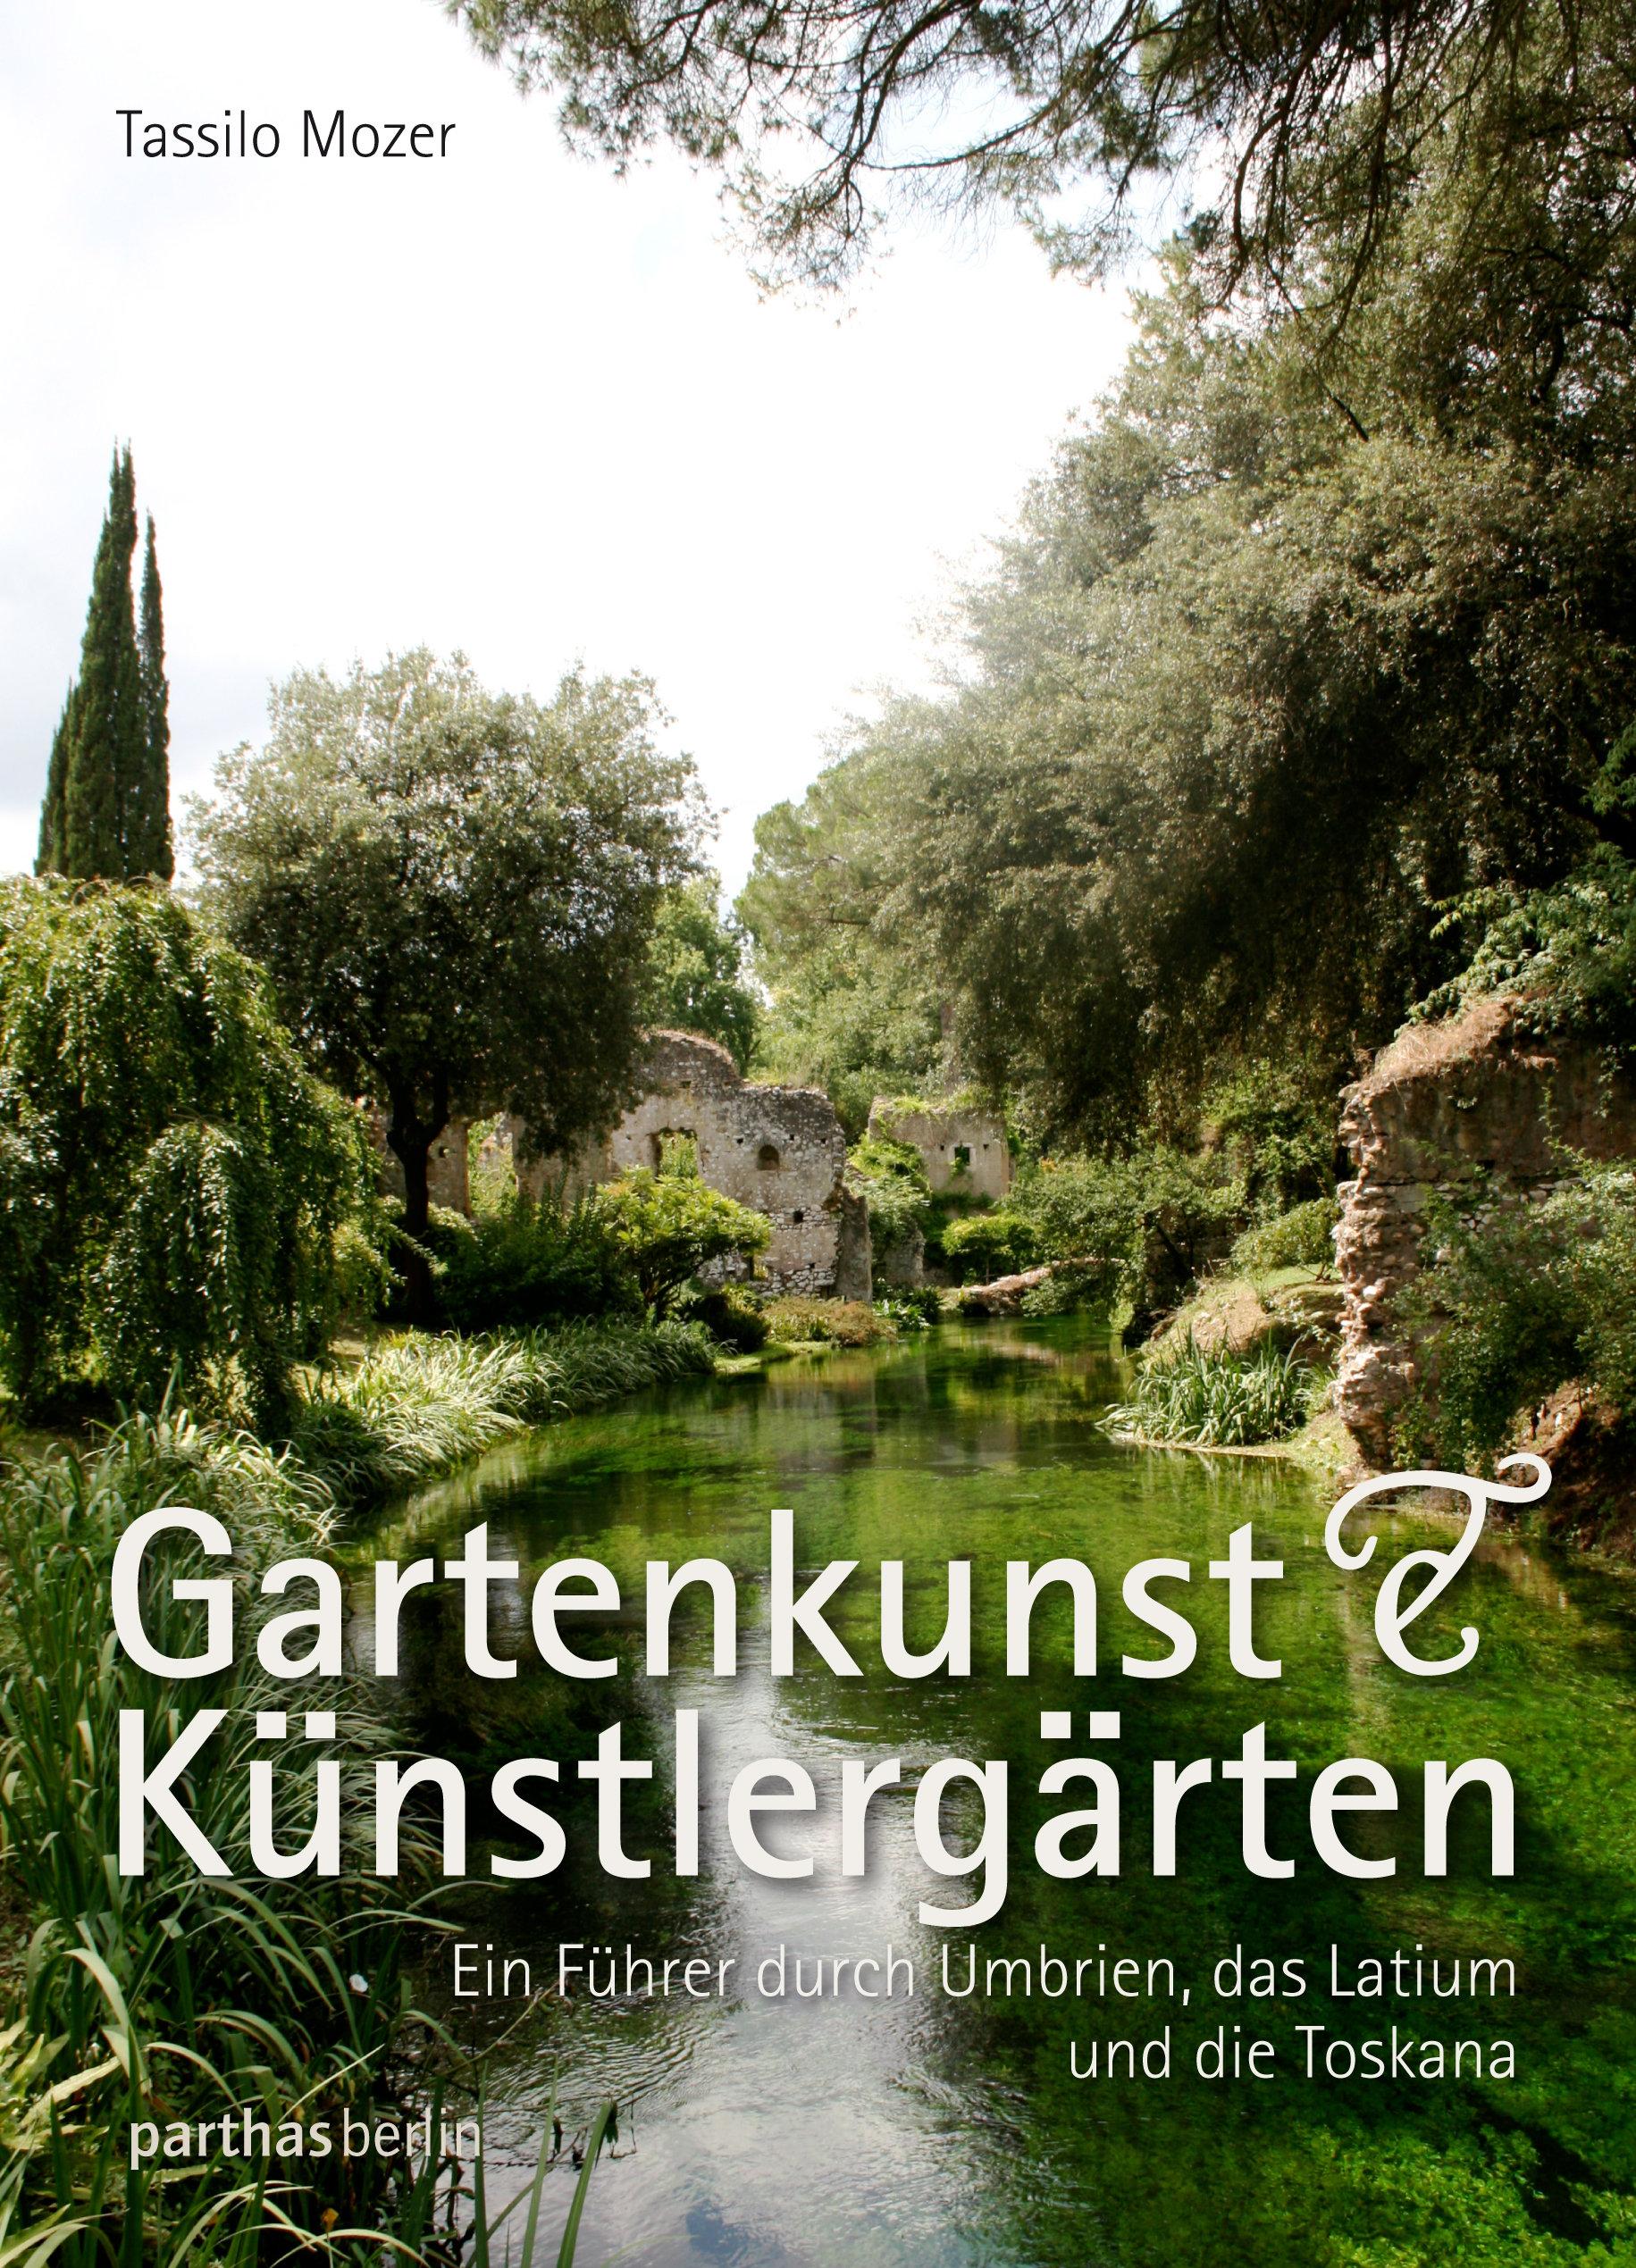 http://www.parthasverlag.de/files/978-3-86964-070-9.jpg